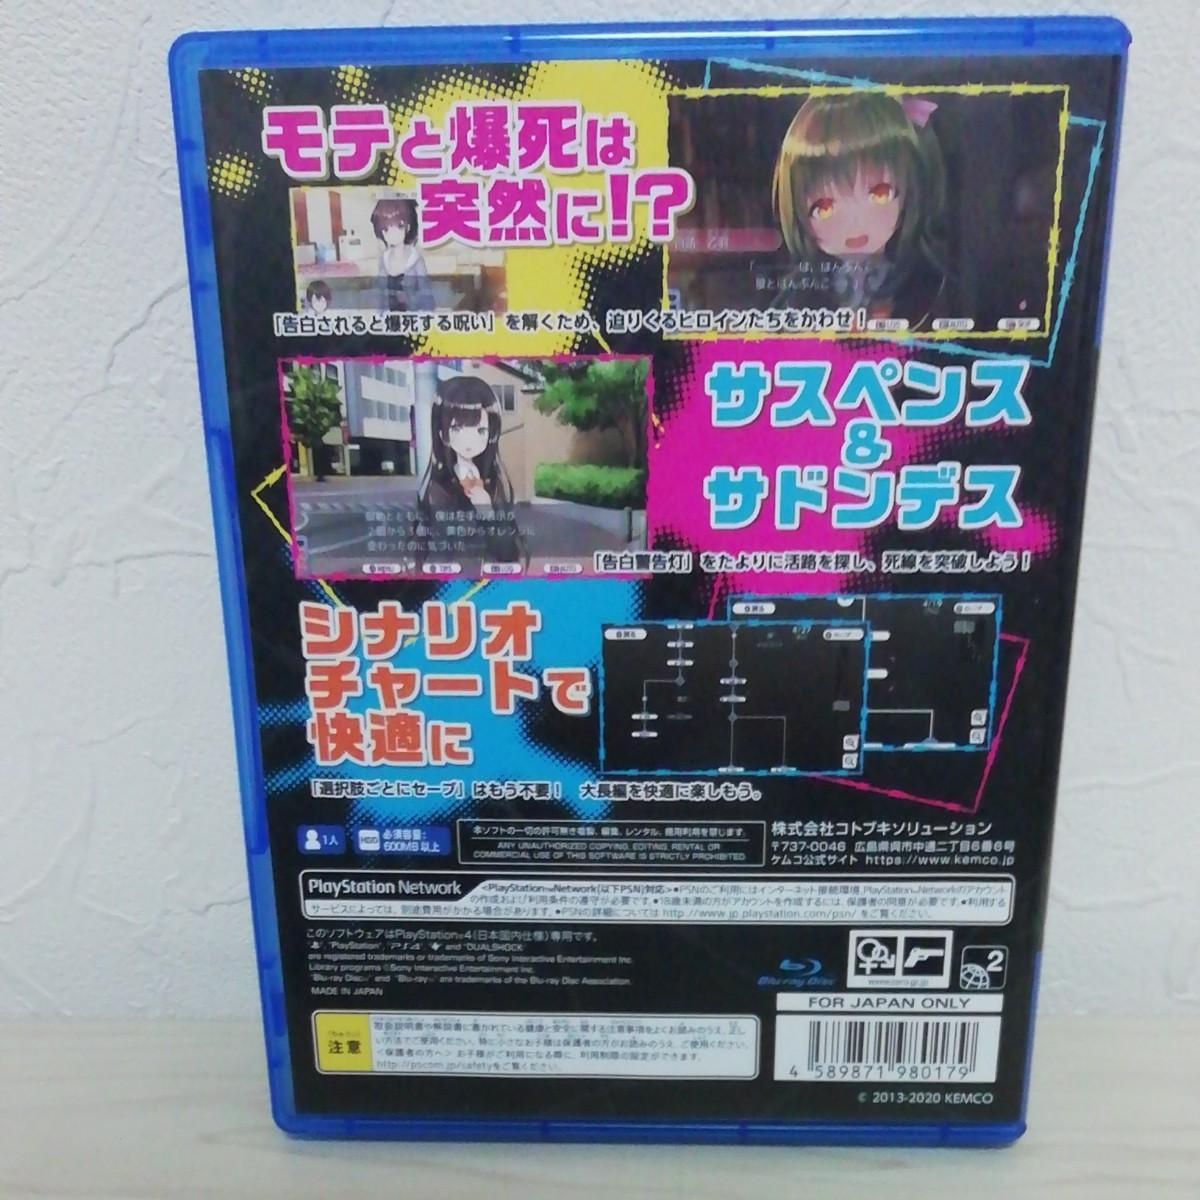 【PS4】 デスマッチラブコメ! PS4ソフト SONY プレステ4